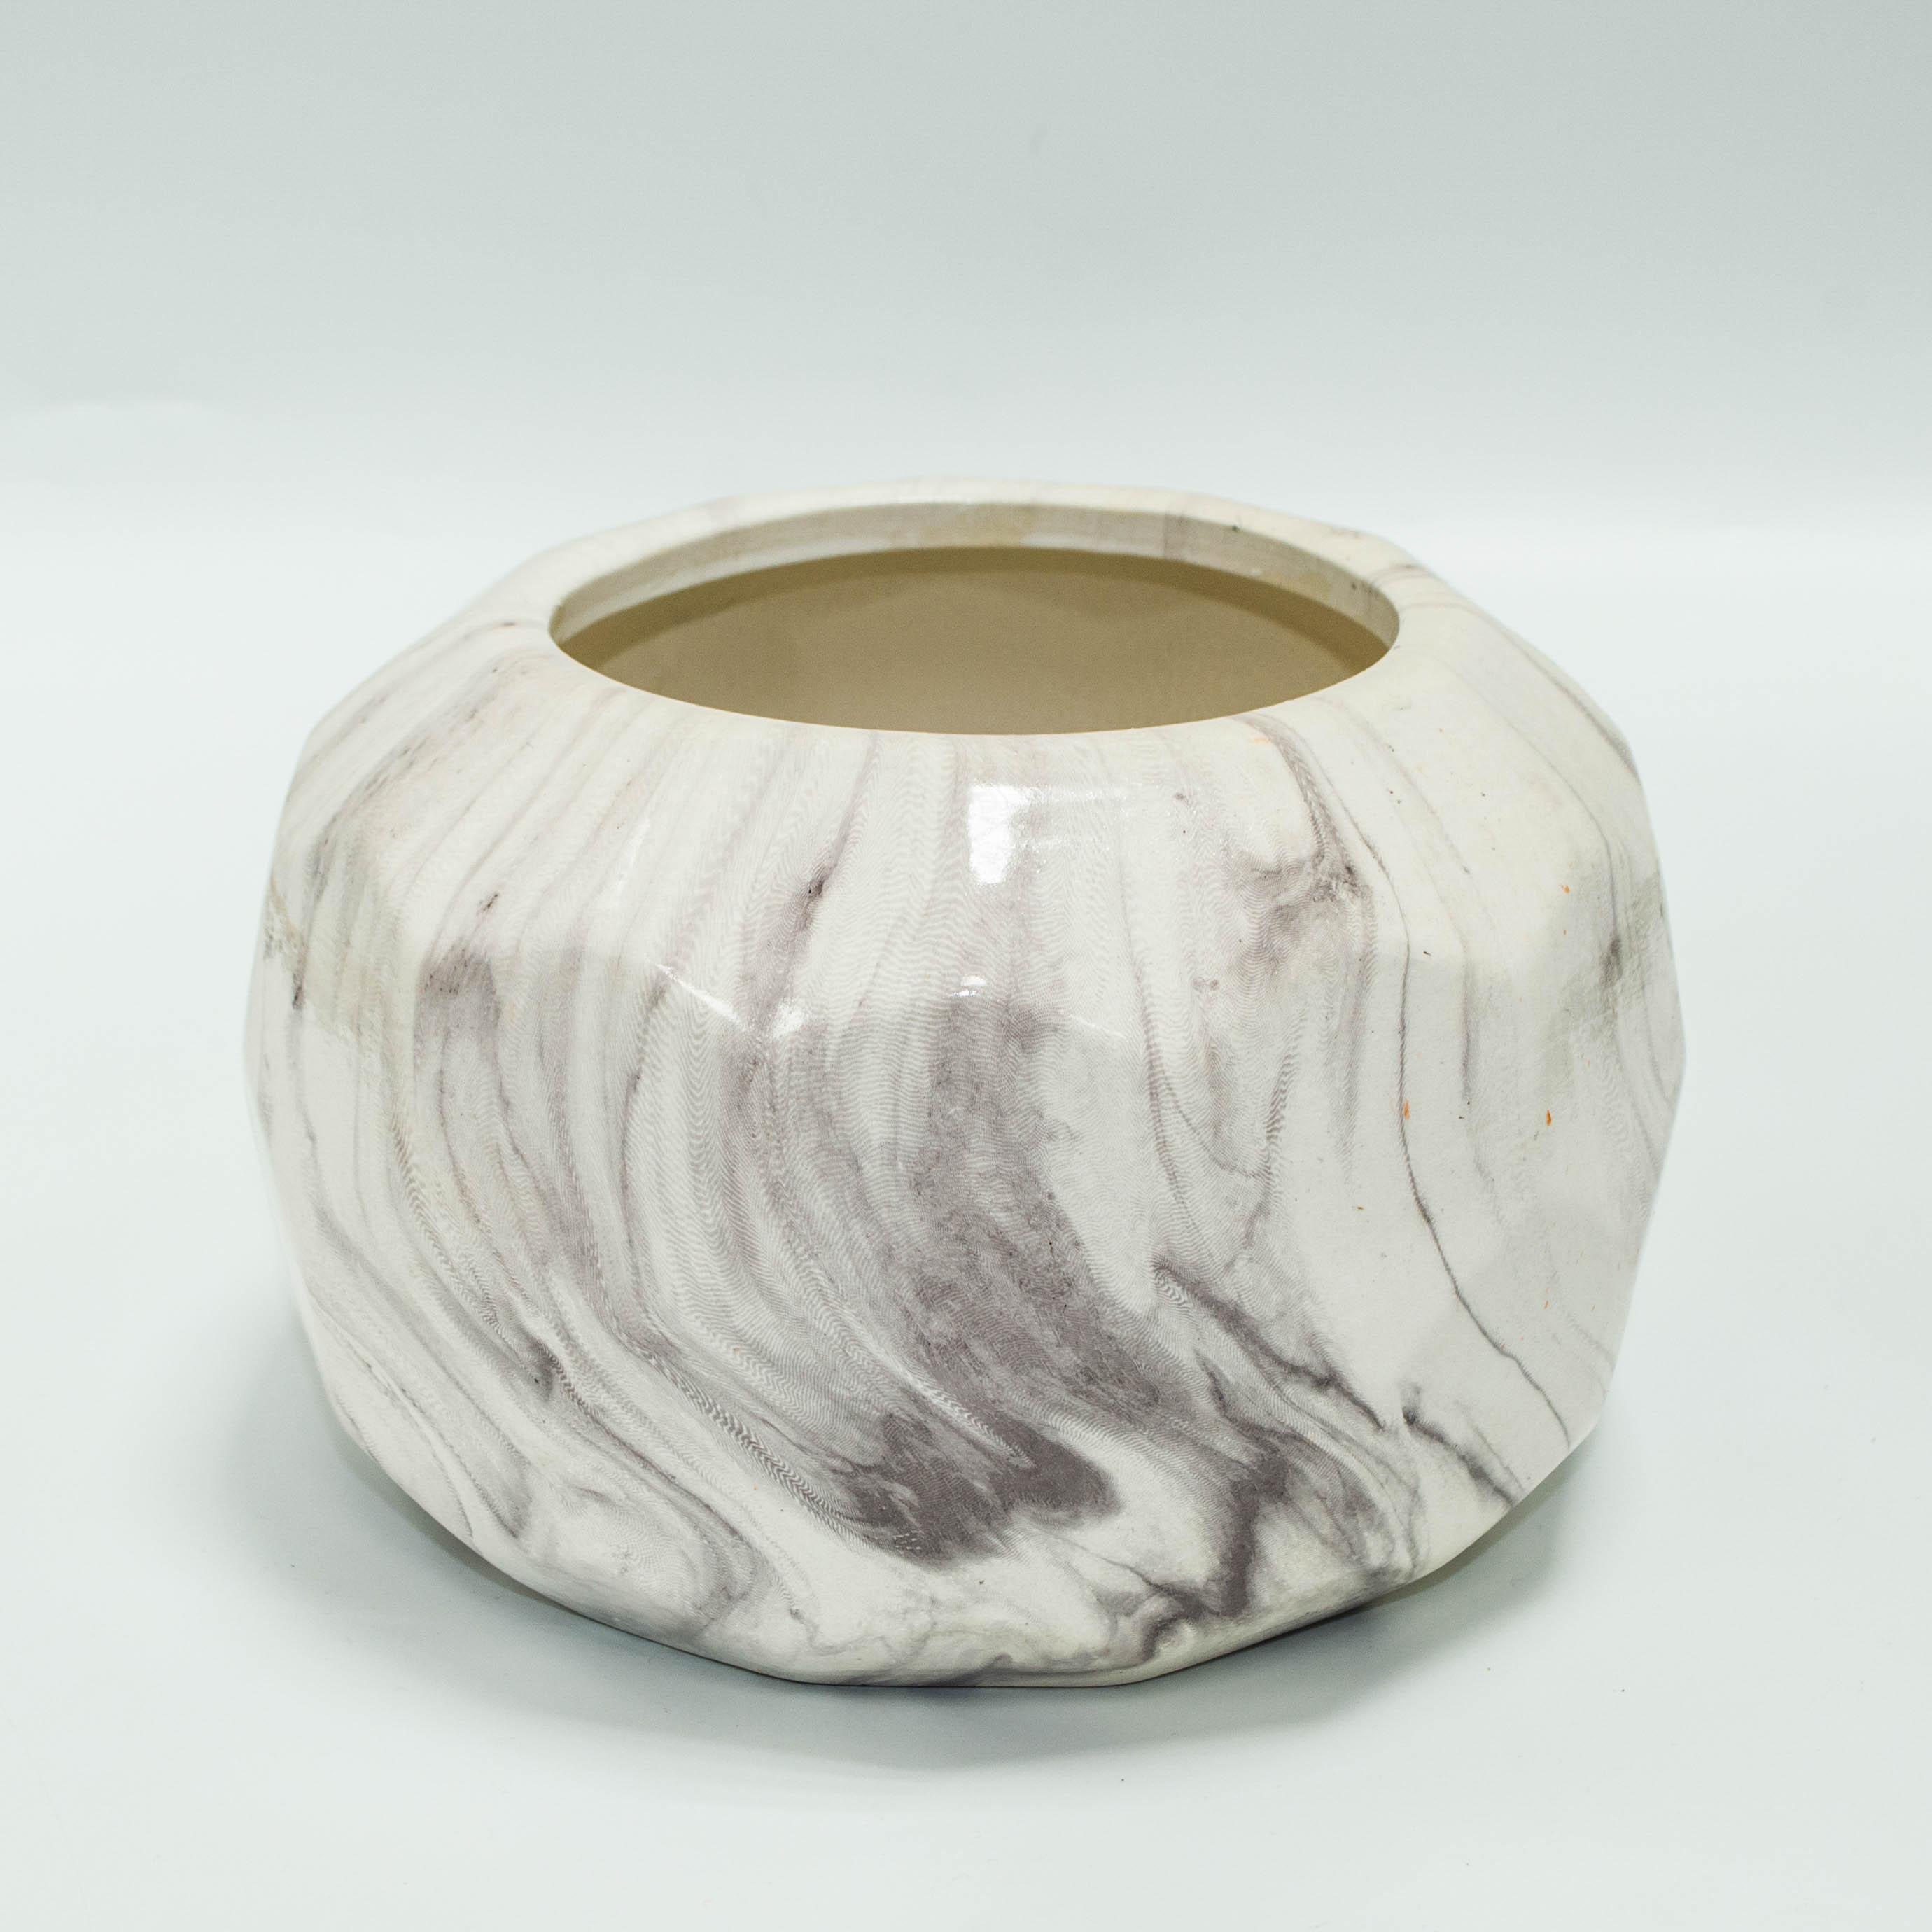 Ваза керамическая 18см 5-7233-7.5 тм12